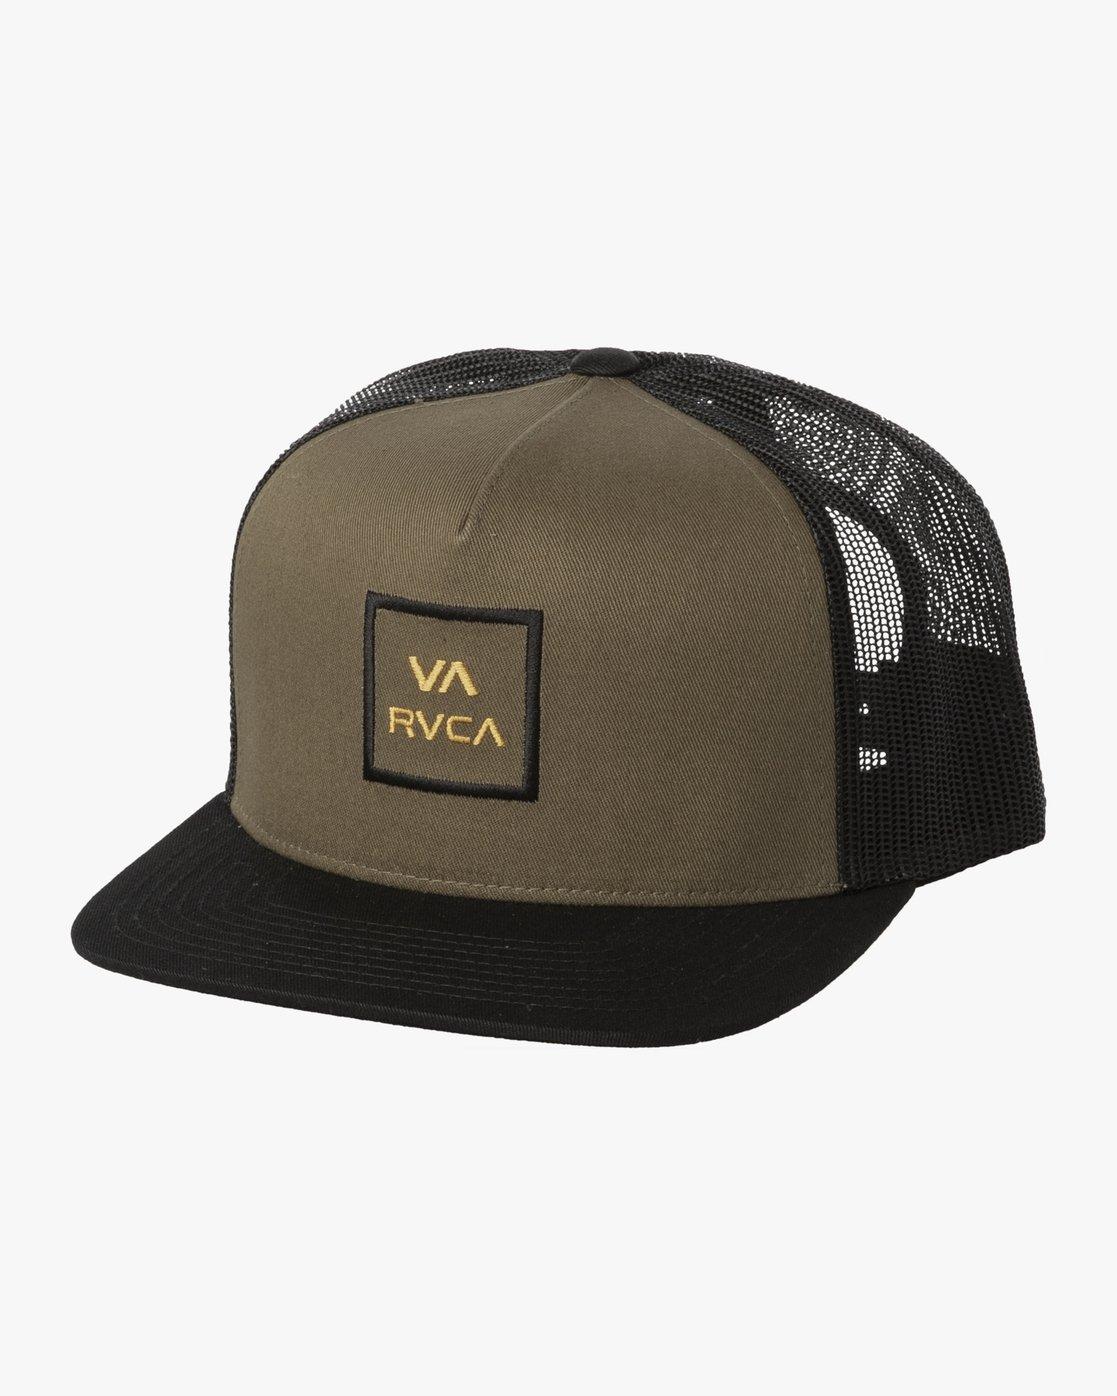 0 VA ATW TRUCKER HAT Green MAAHWVWY RVCA